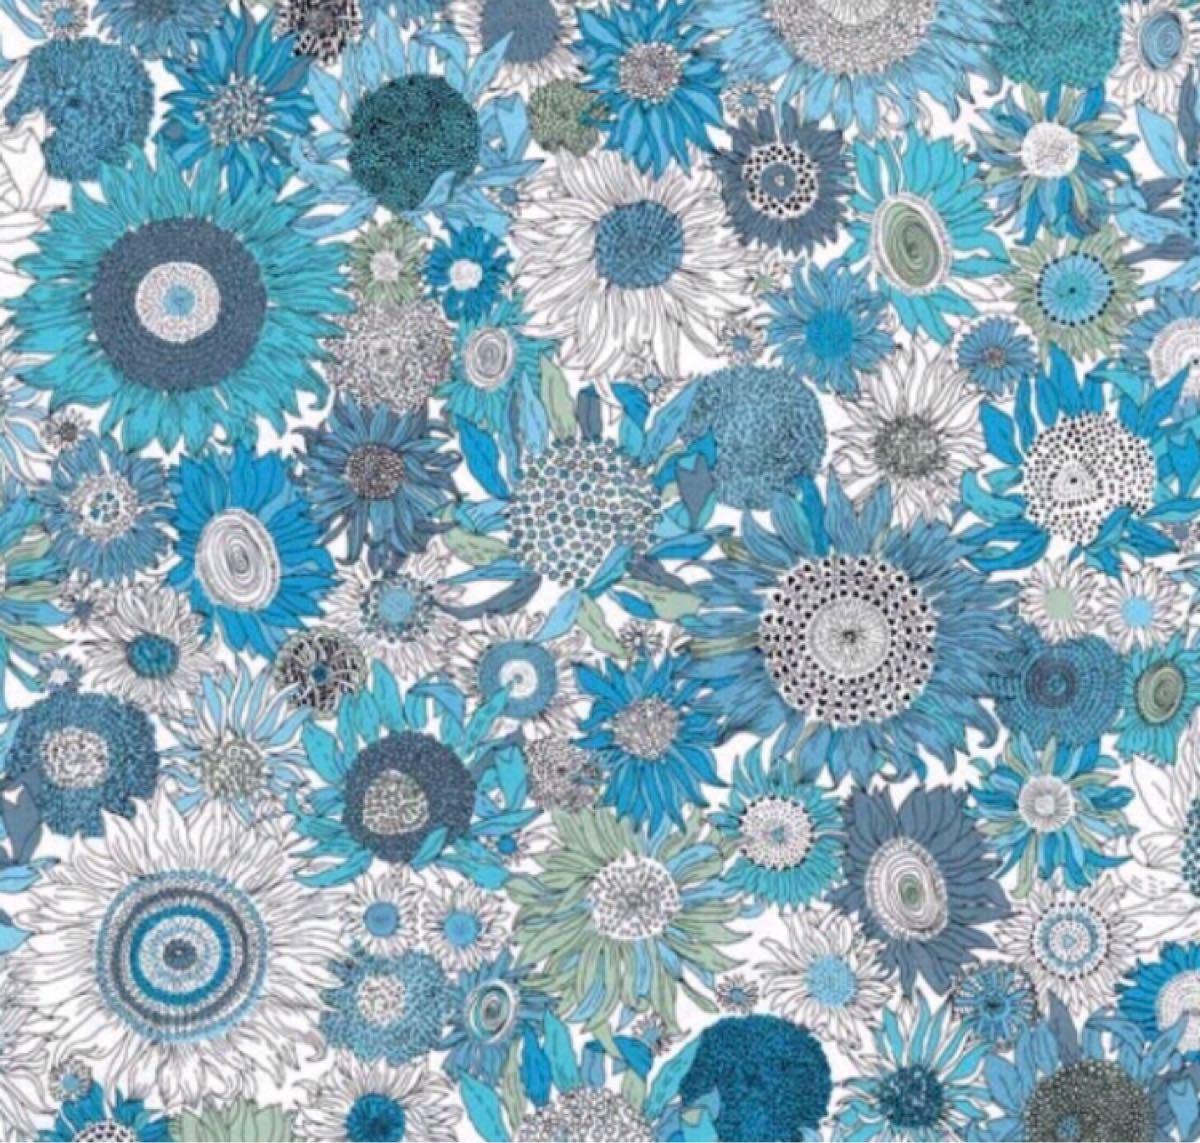 リバティ スモールスザンナ ブルー 生地幅×200cm 国産タナローン はぎれ カットクロス